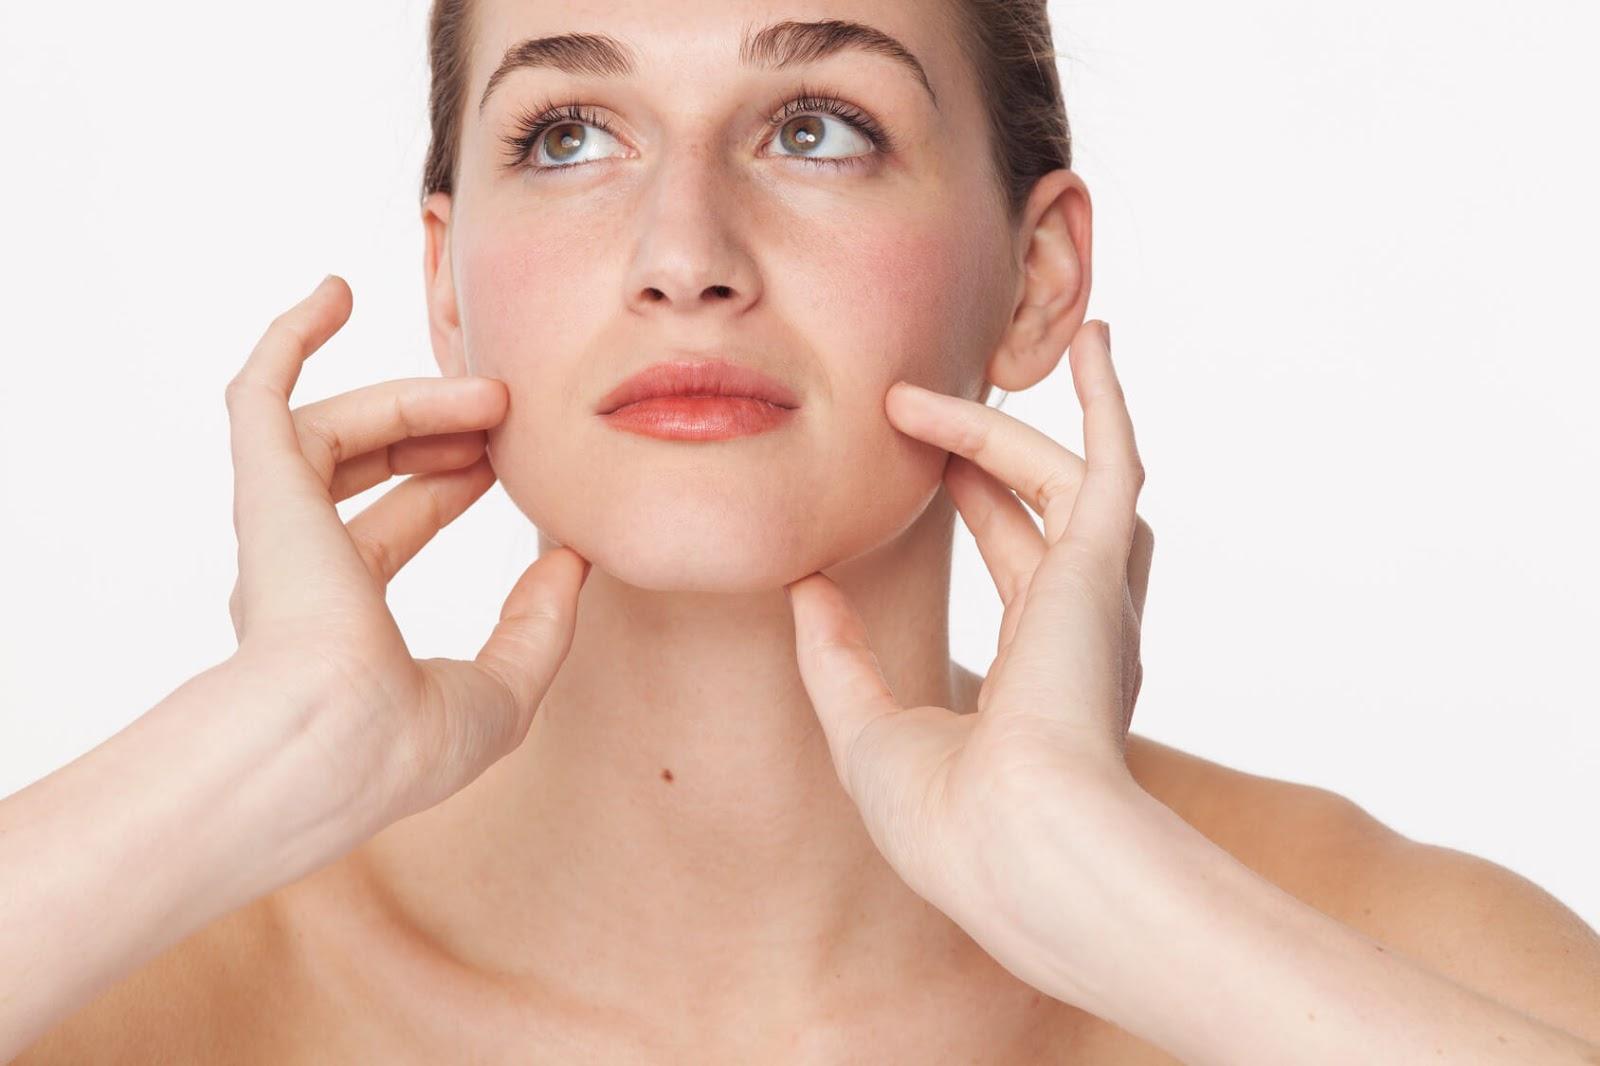 10 طرق طبيعية لتسمين الوجه ونفخ الخدود - وصفاتي